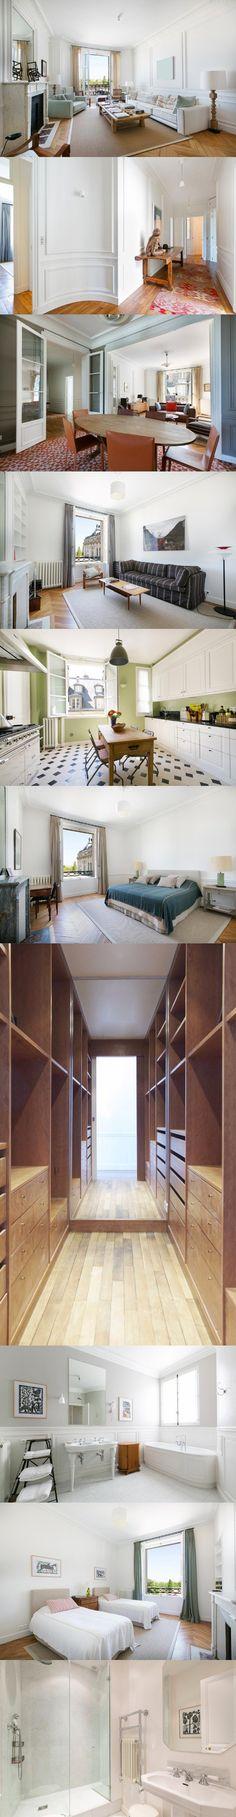 Elegante apartamento en París / http://abkasha.com/